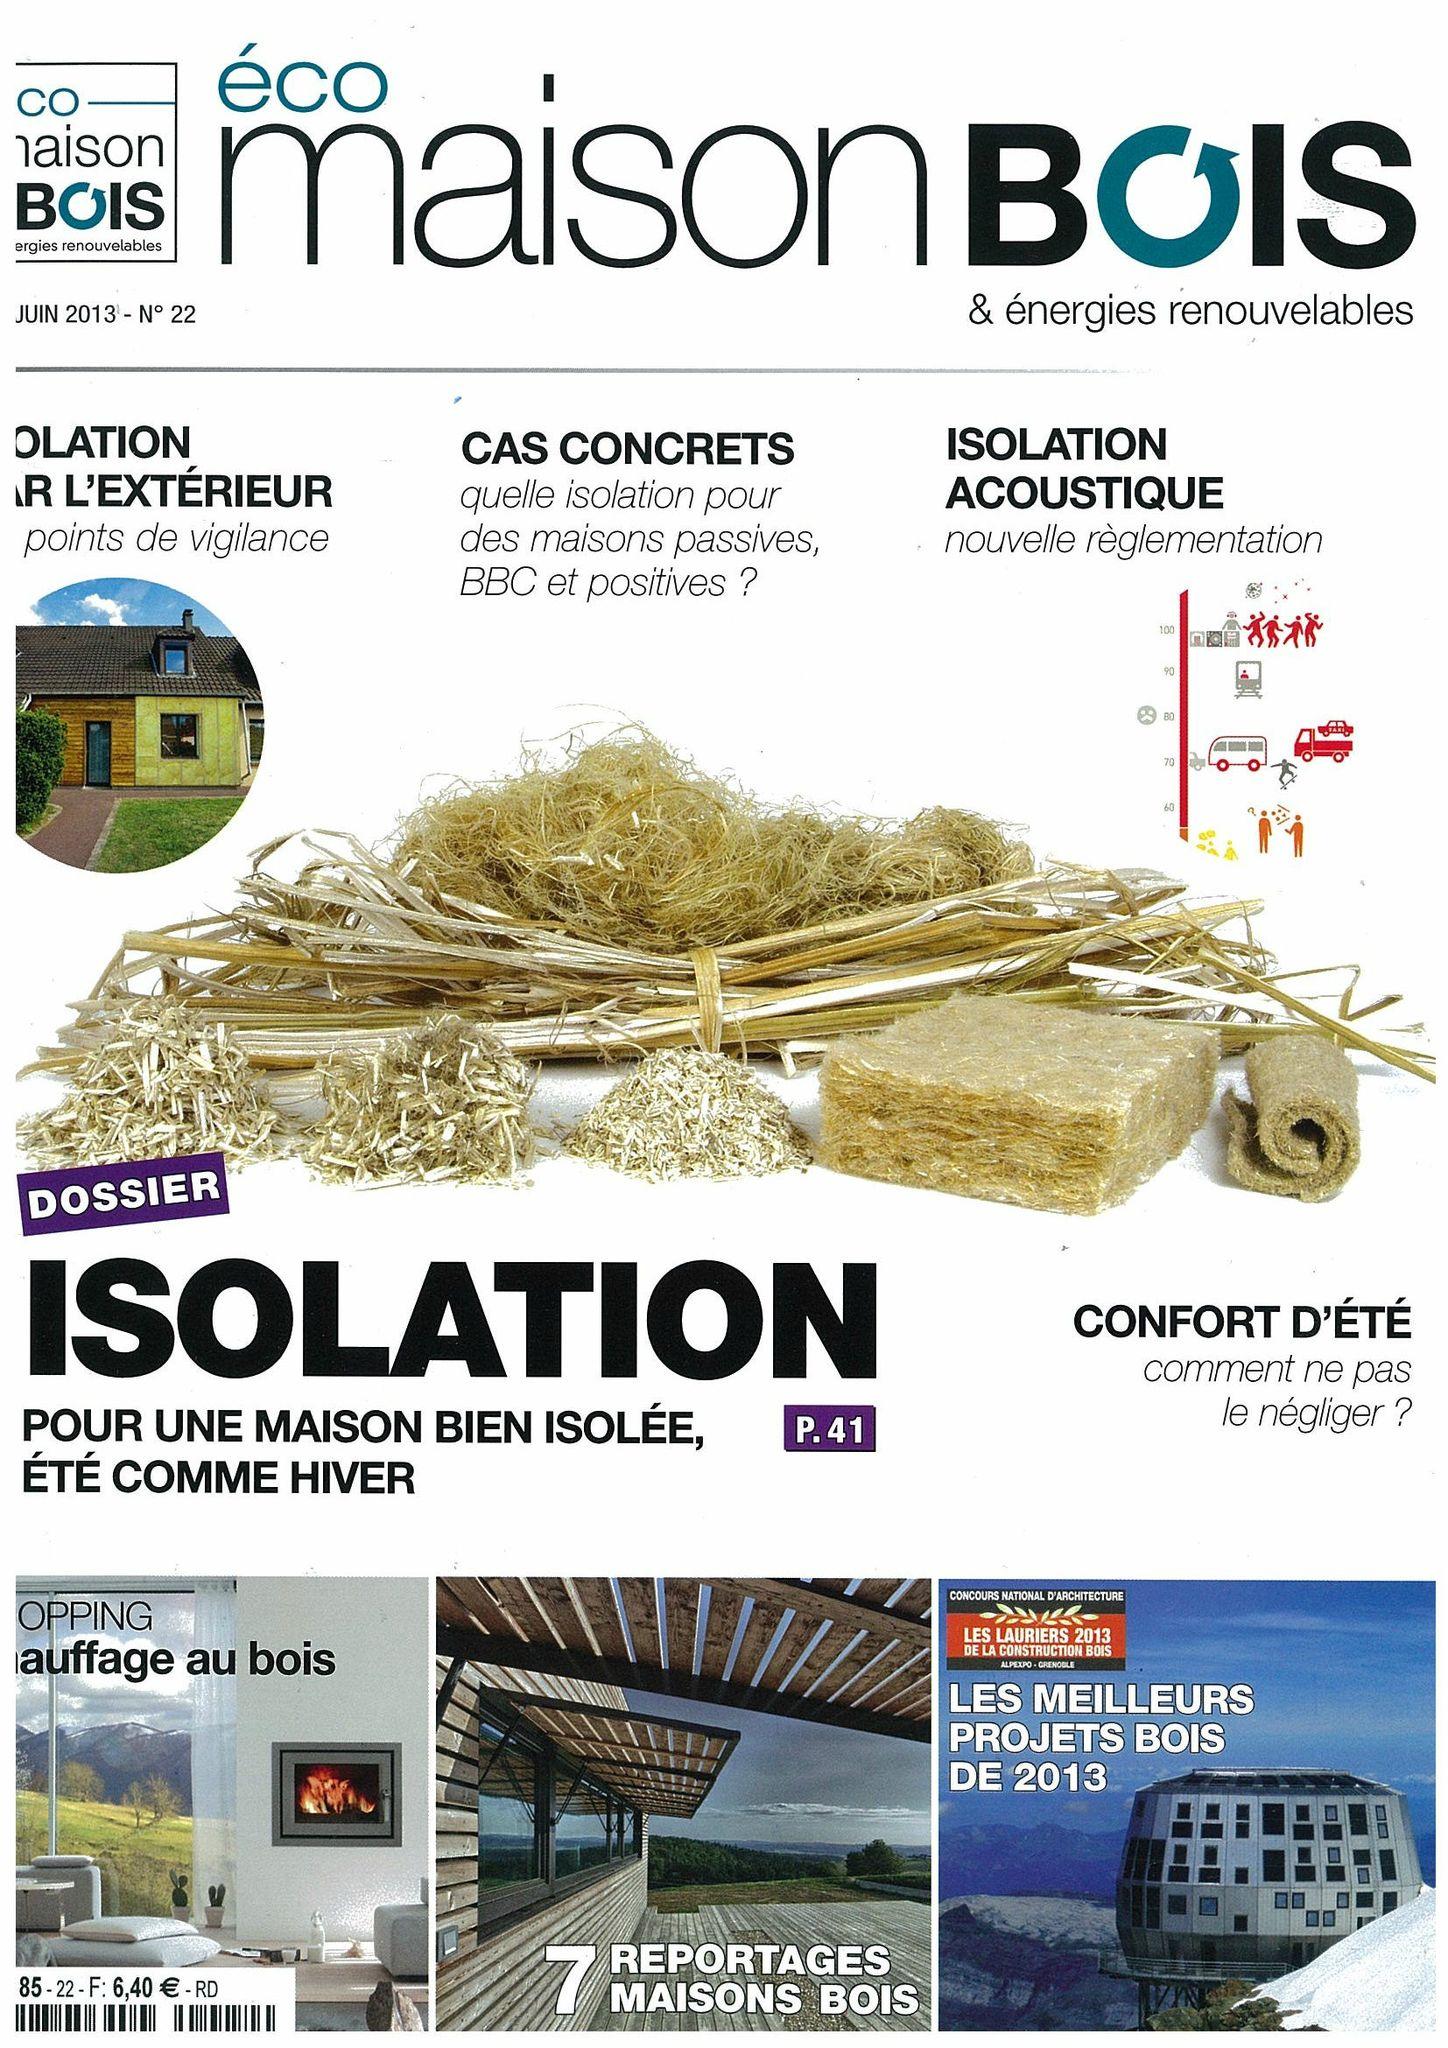 Parution dans la revue éco maison bois n 22 de mai juin 2013